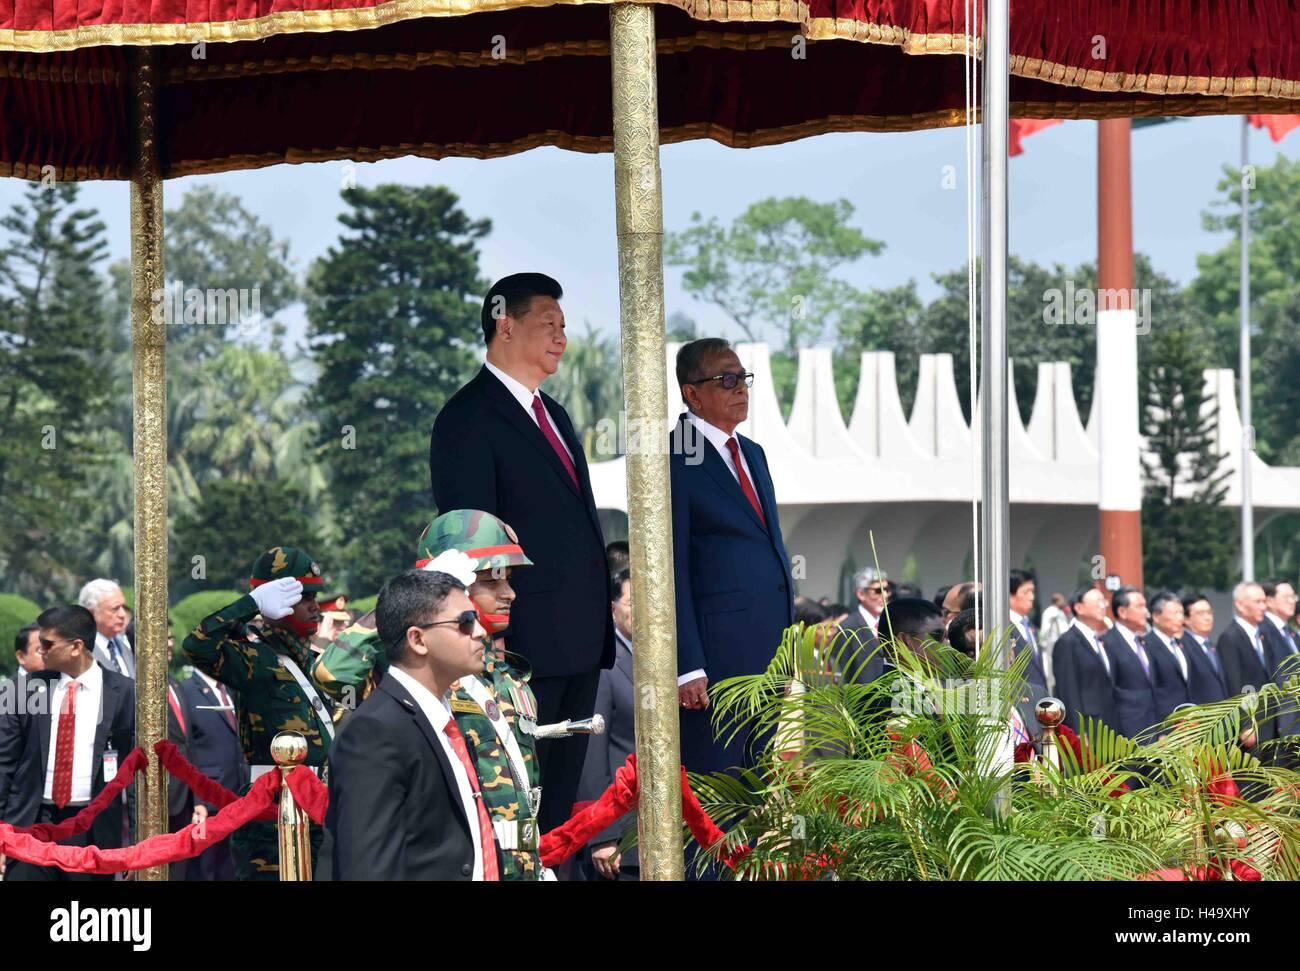 Dhaka, Bangladesh. 14Th Oct, 2016. Le président chinois Xi Jinping (L) assiste à une cérémonie de bienvenue organisée par son homologue Bangladeshi Abdul Hamid (R) à son arrivée à l'aéroport de Dhaka, Bangladesh, le 14 octobre 2016. Xi Jinping est arrivé vendredi pour une visite d'état. Credit: Zhang Duo/Xinhua/Alamy Live News Banque D'Images